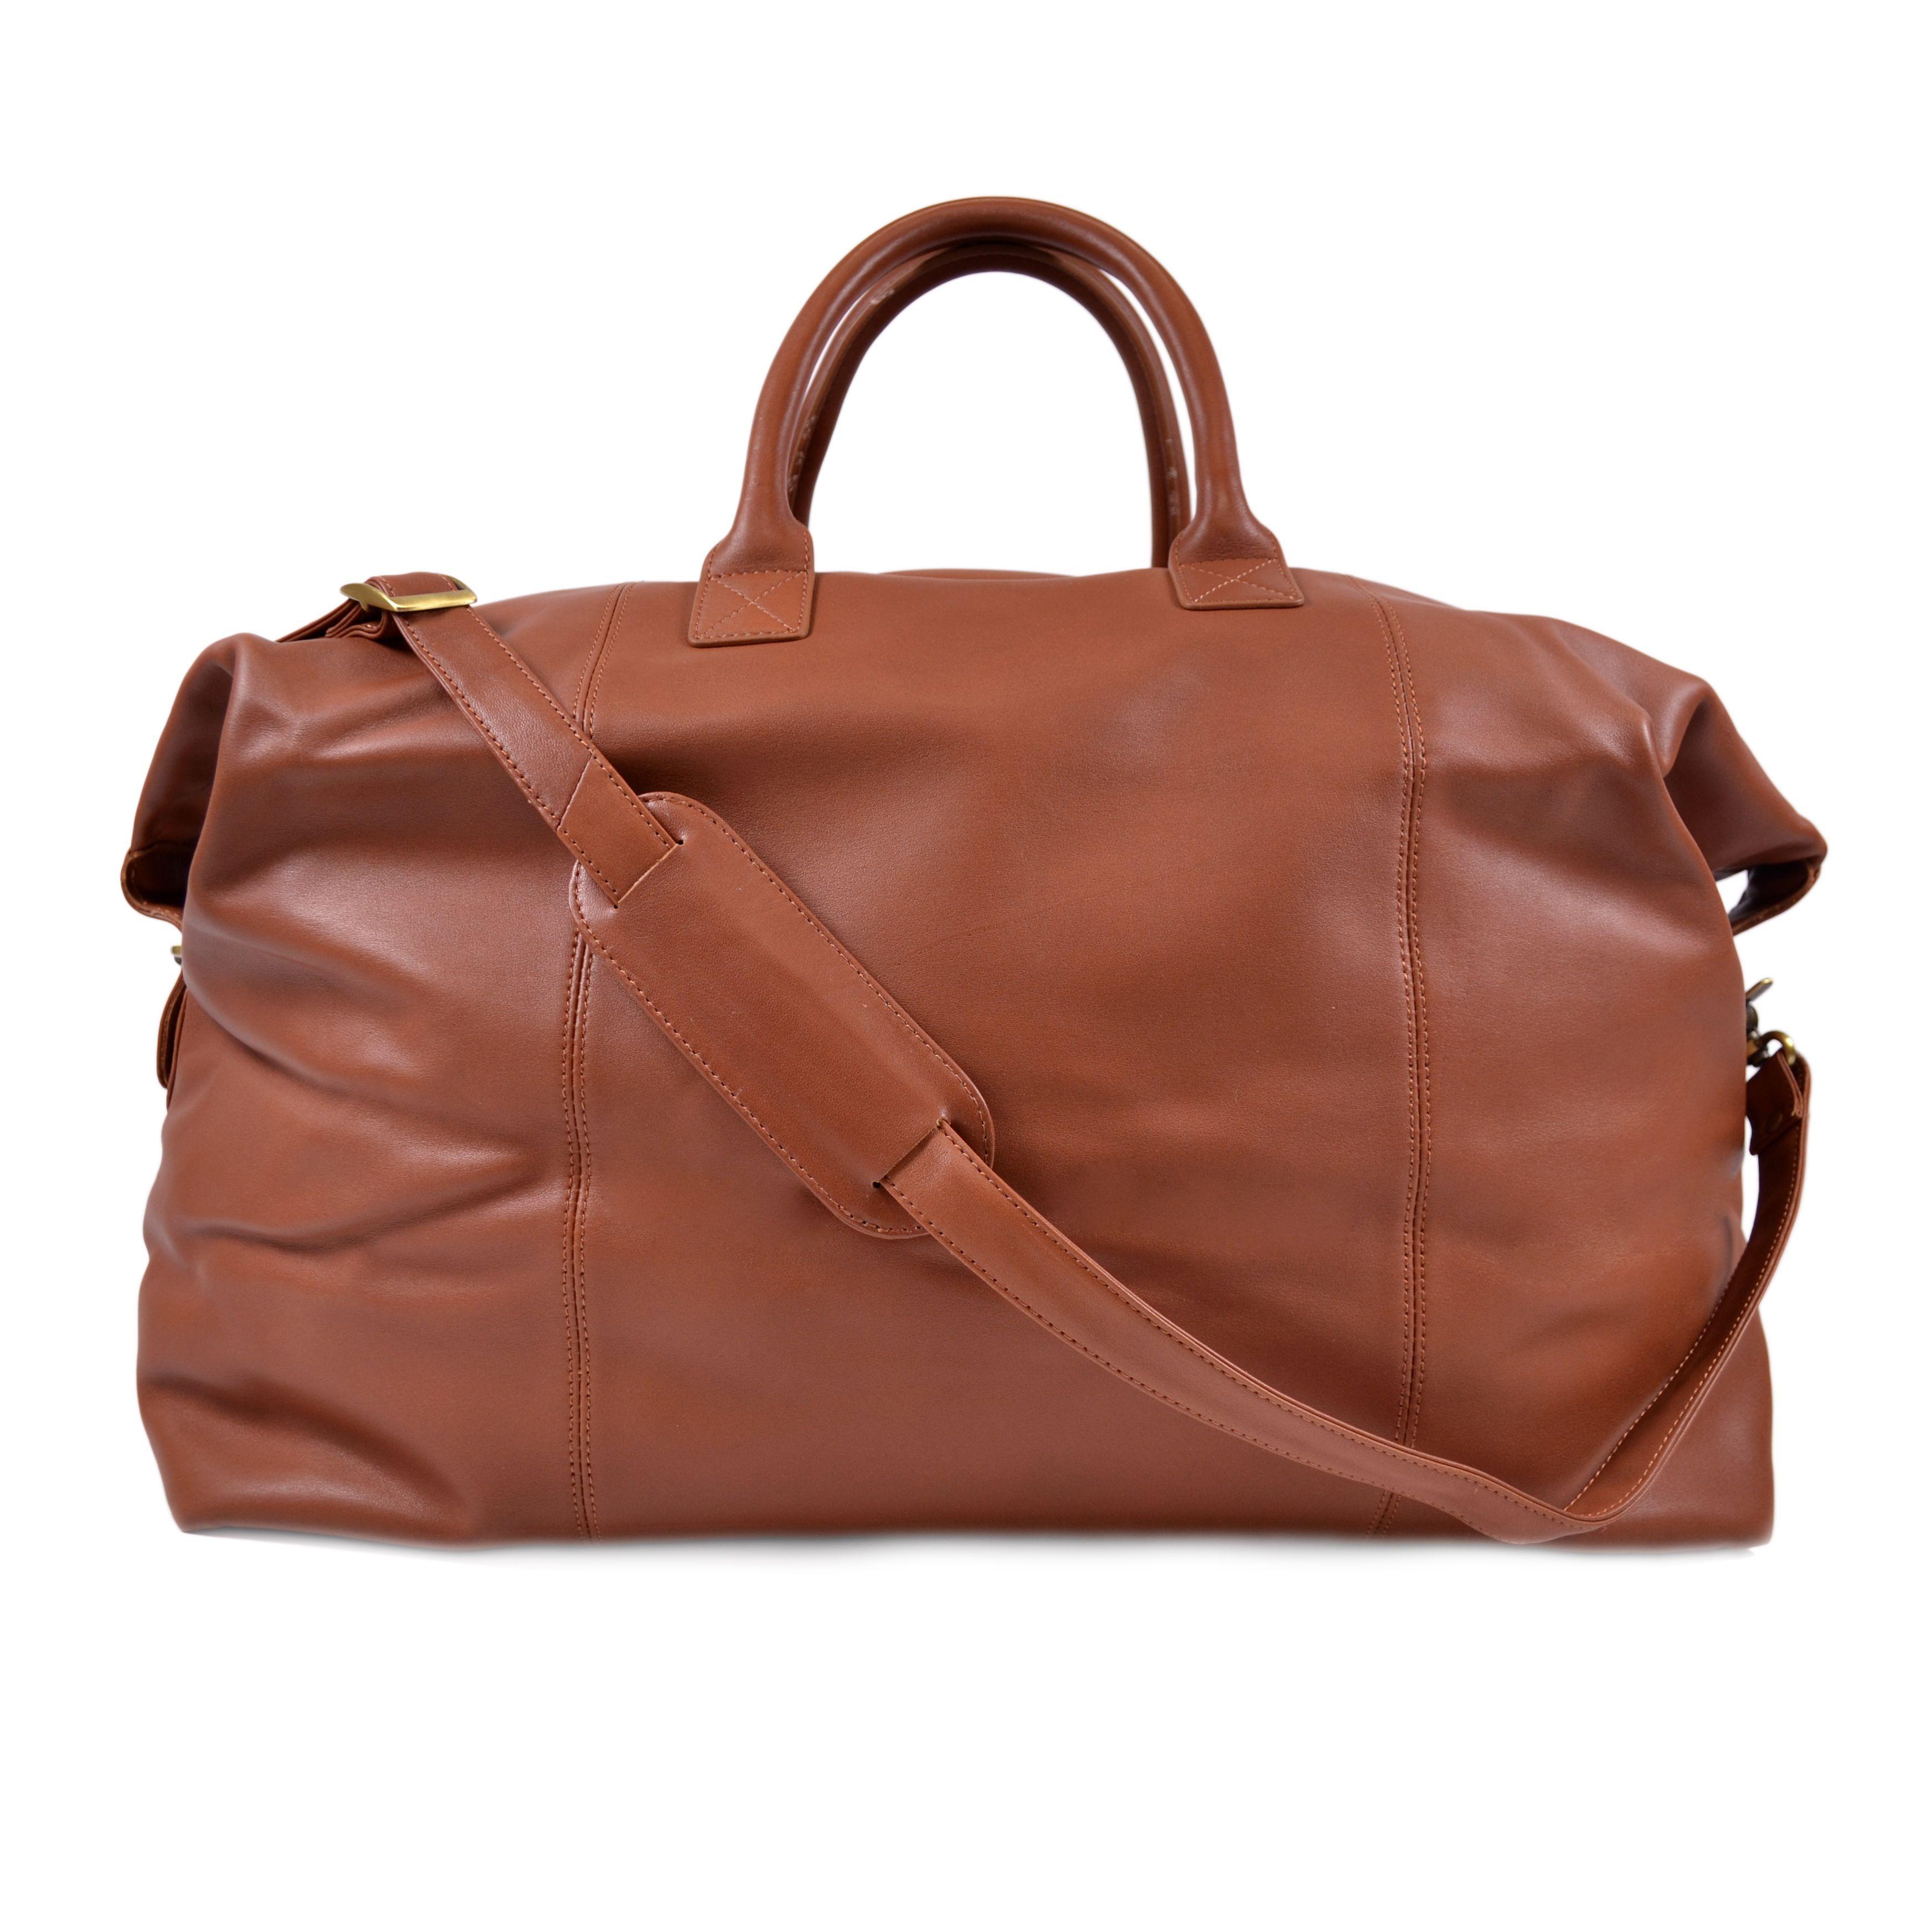 14f0044791 Royce  Hanson  Weekender Duffel Bag